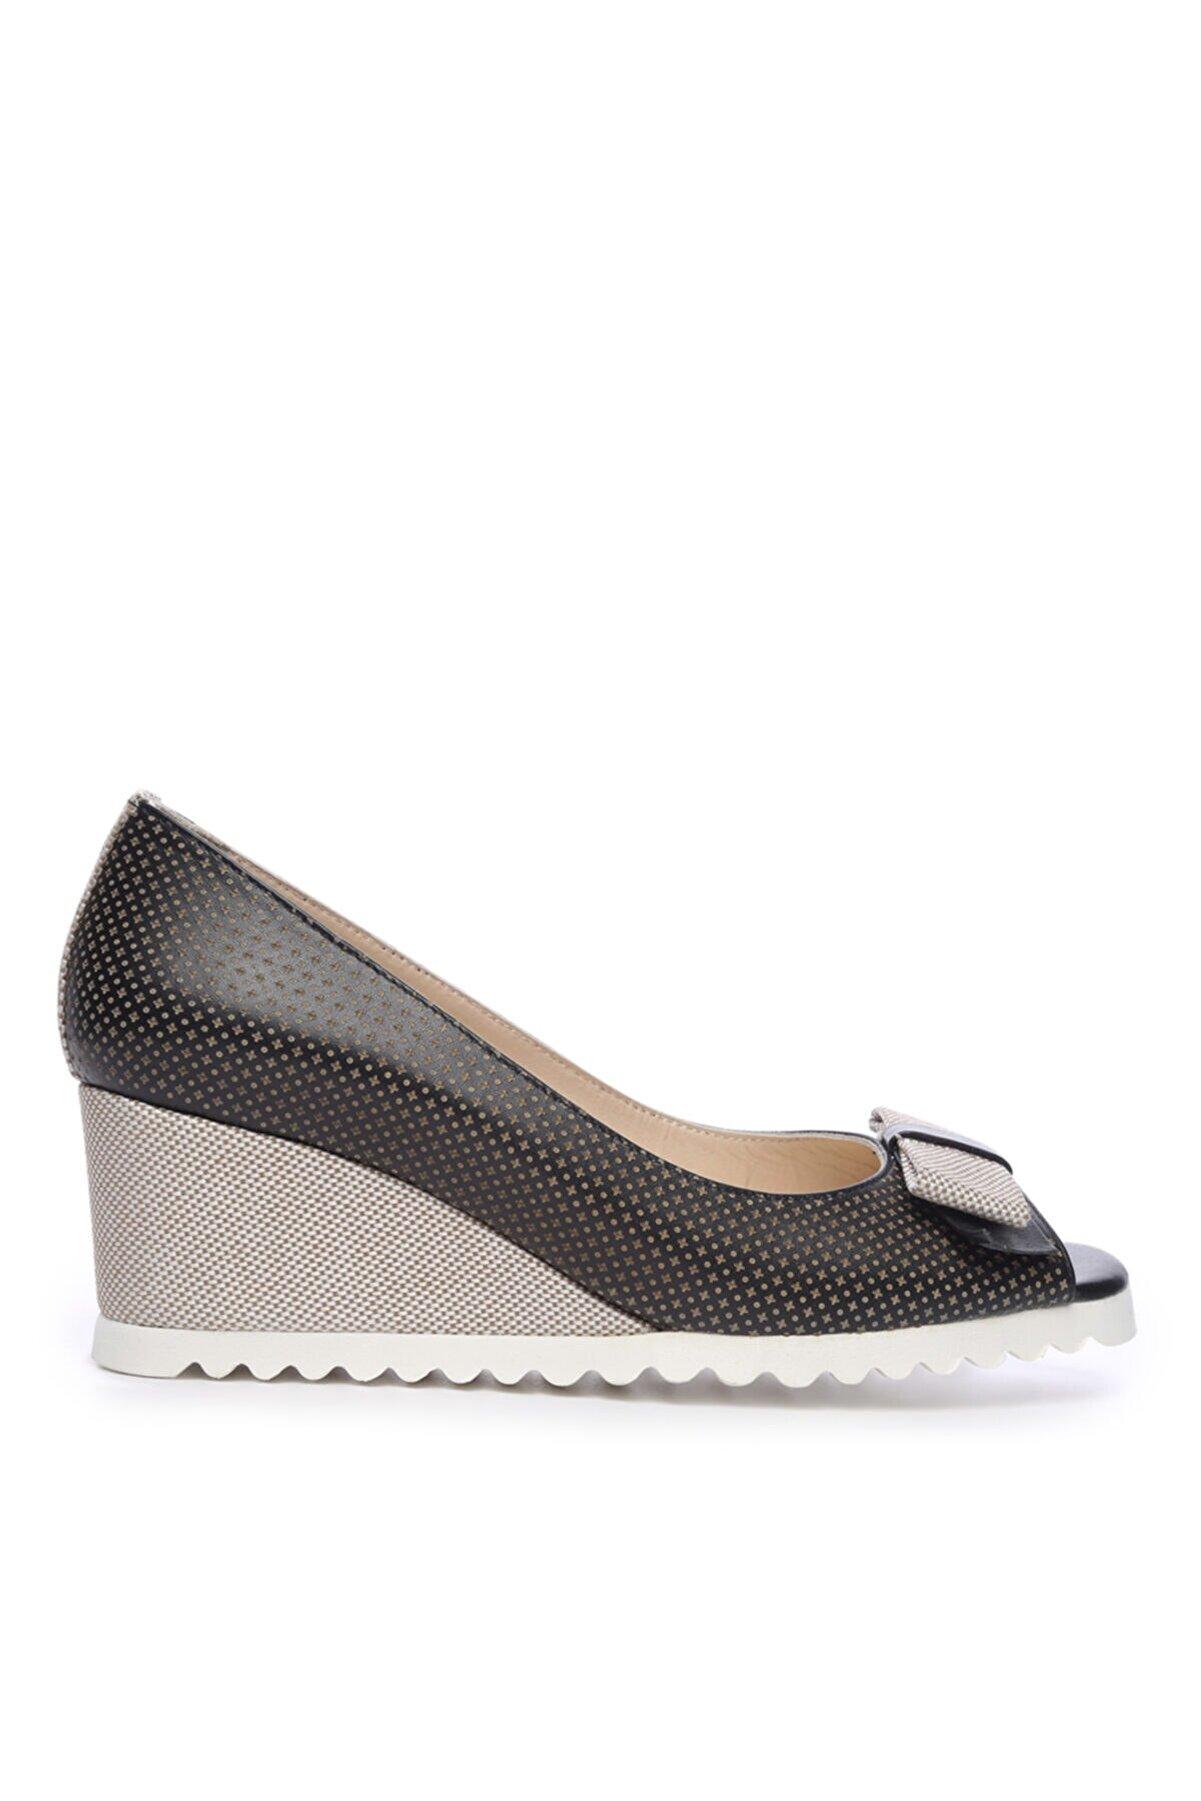 Kemal Tanca Kadın Derı Ayakkabı Ayakkabı 94 4500 Bn Ayk